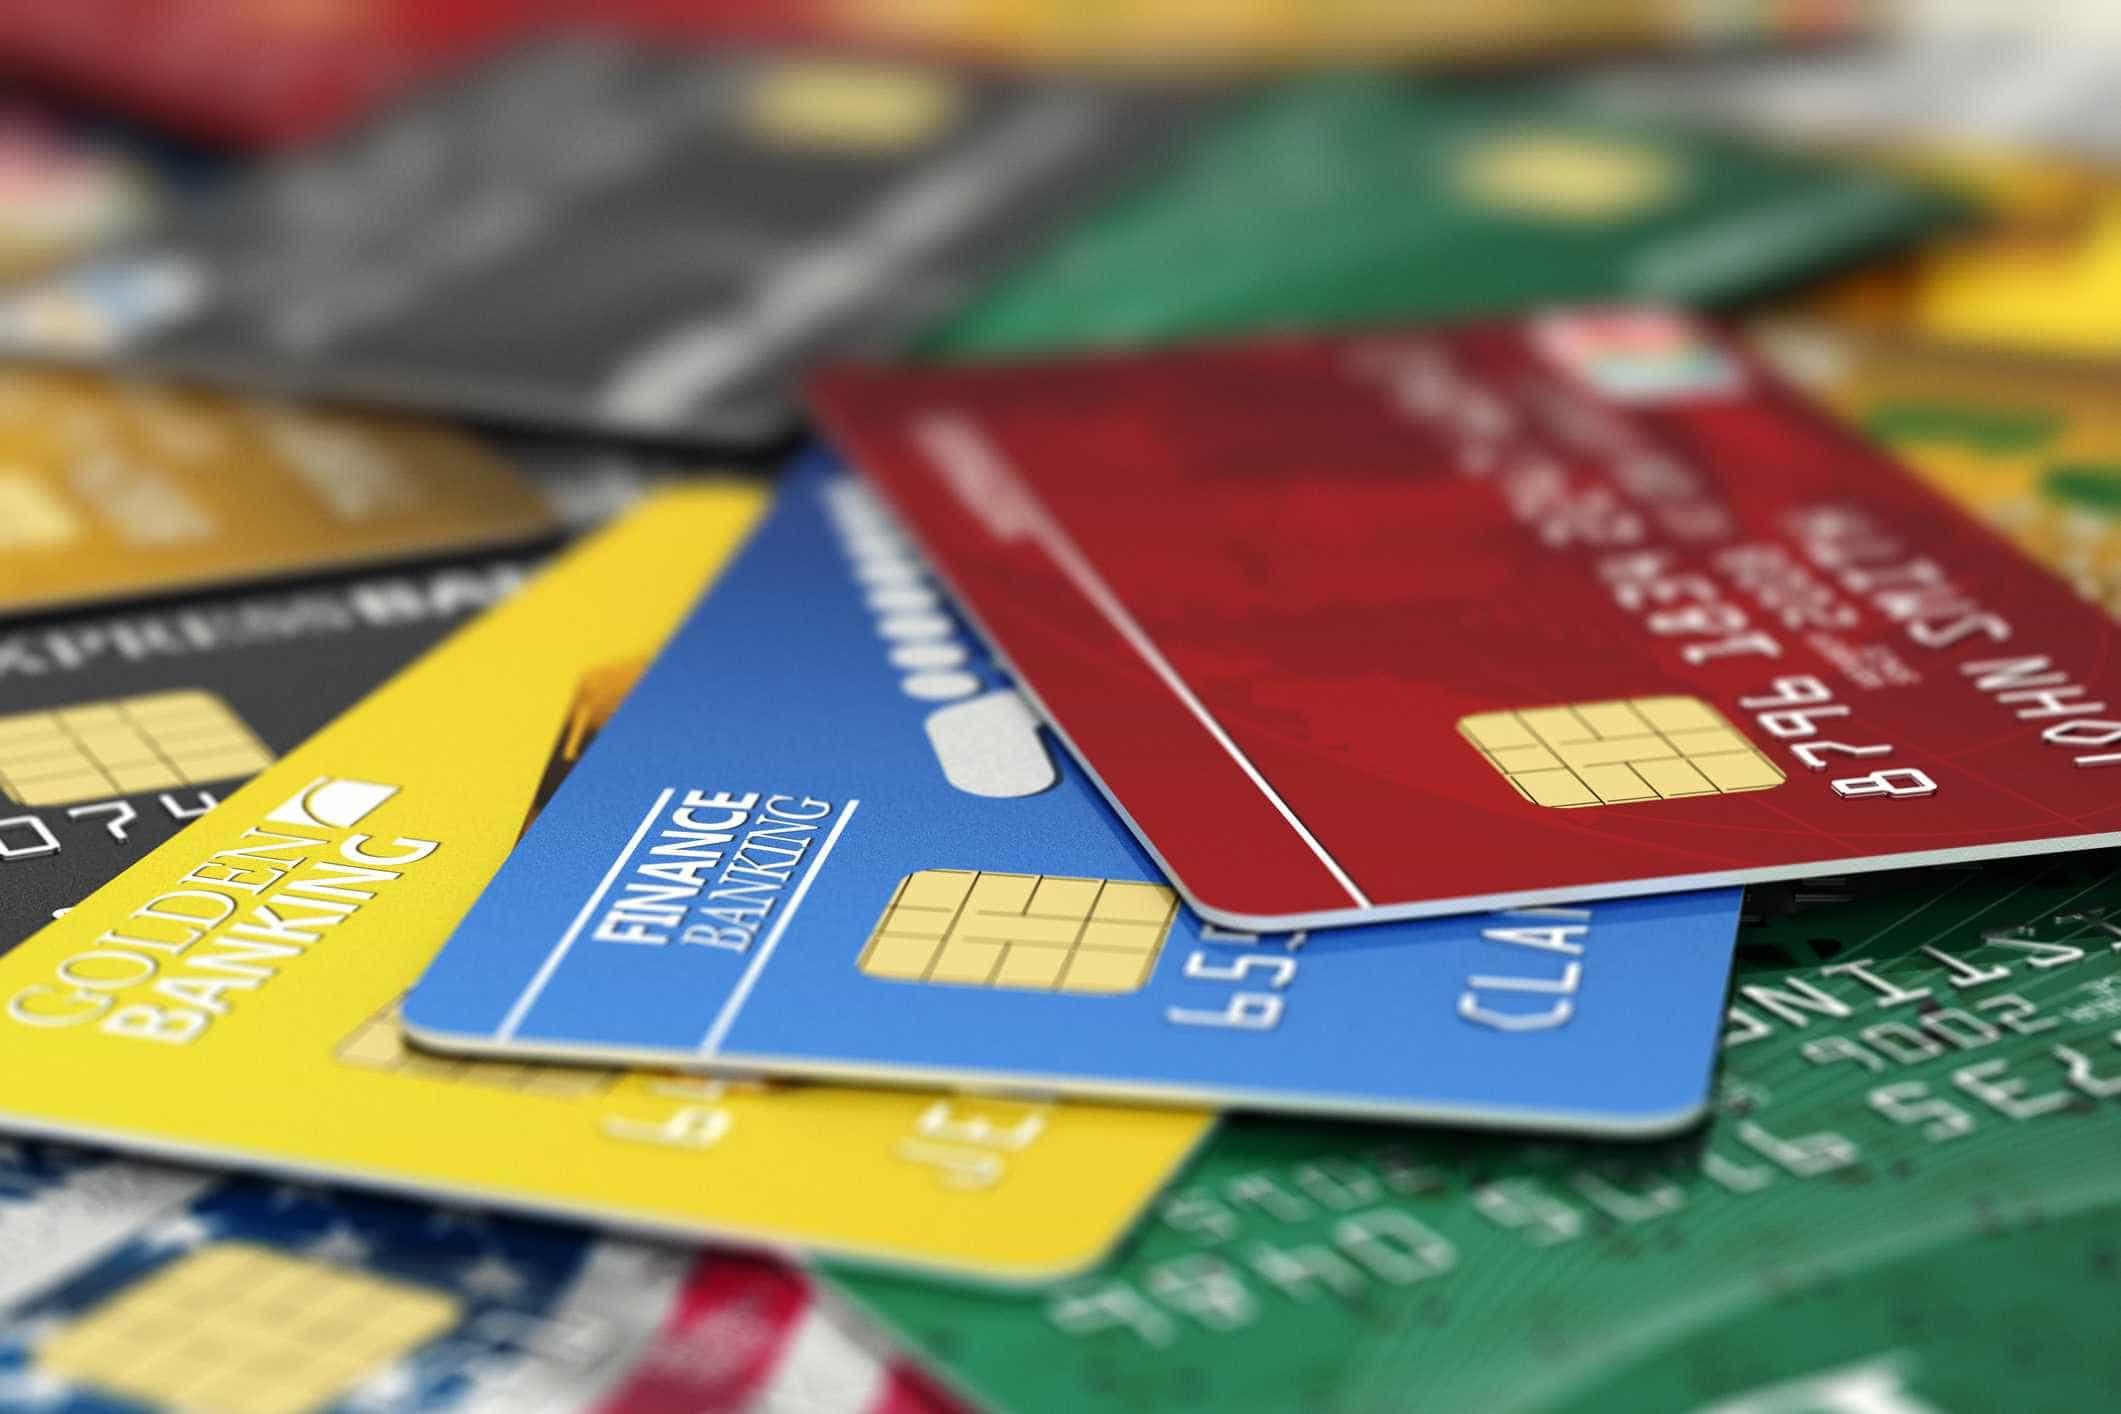 O que deve ter em conta na escolha de um cartão de crédito